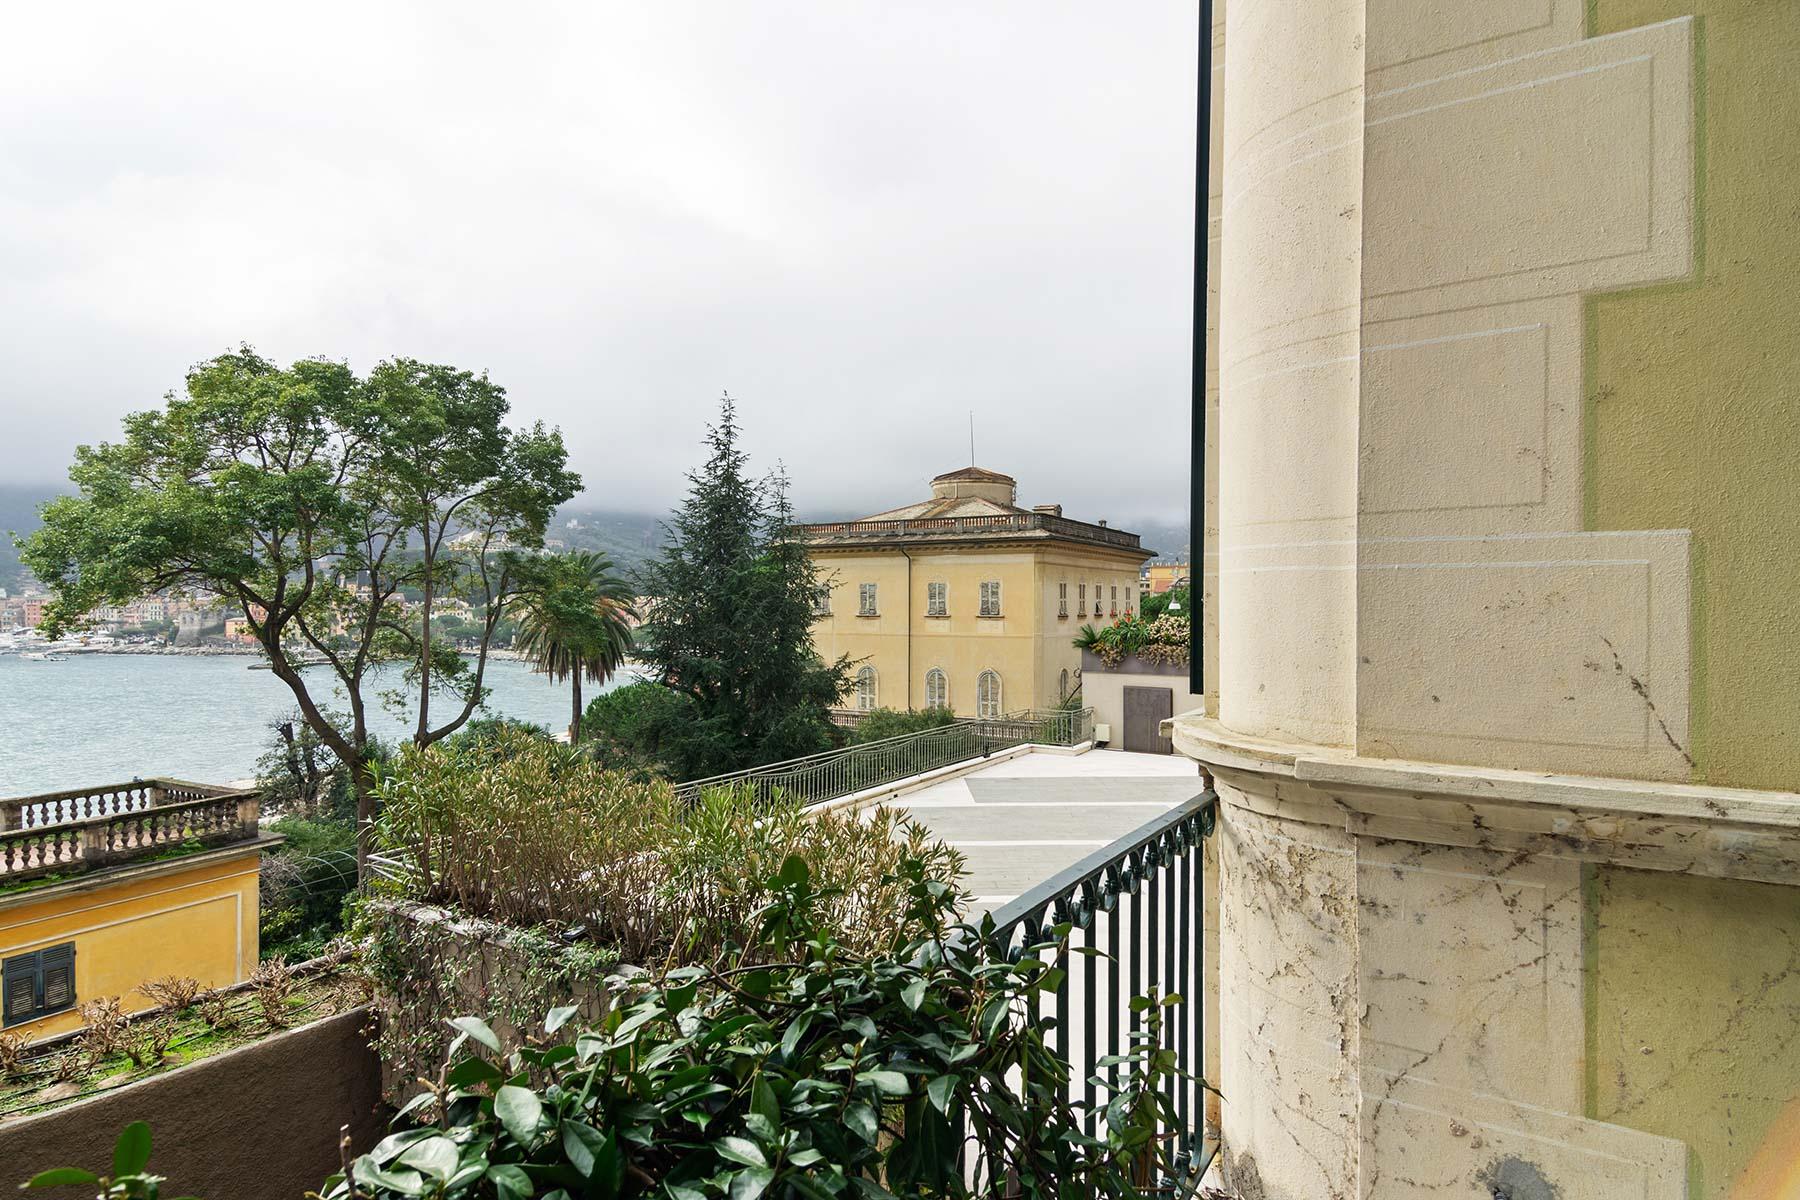 Appartamento in Vendita a Santa Margherita Ligure: 5 locali, 150 mq - Foto 8